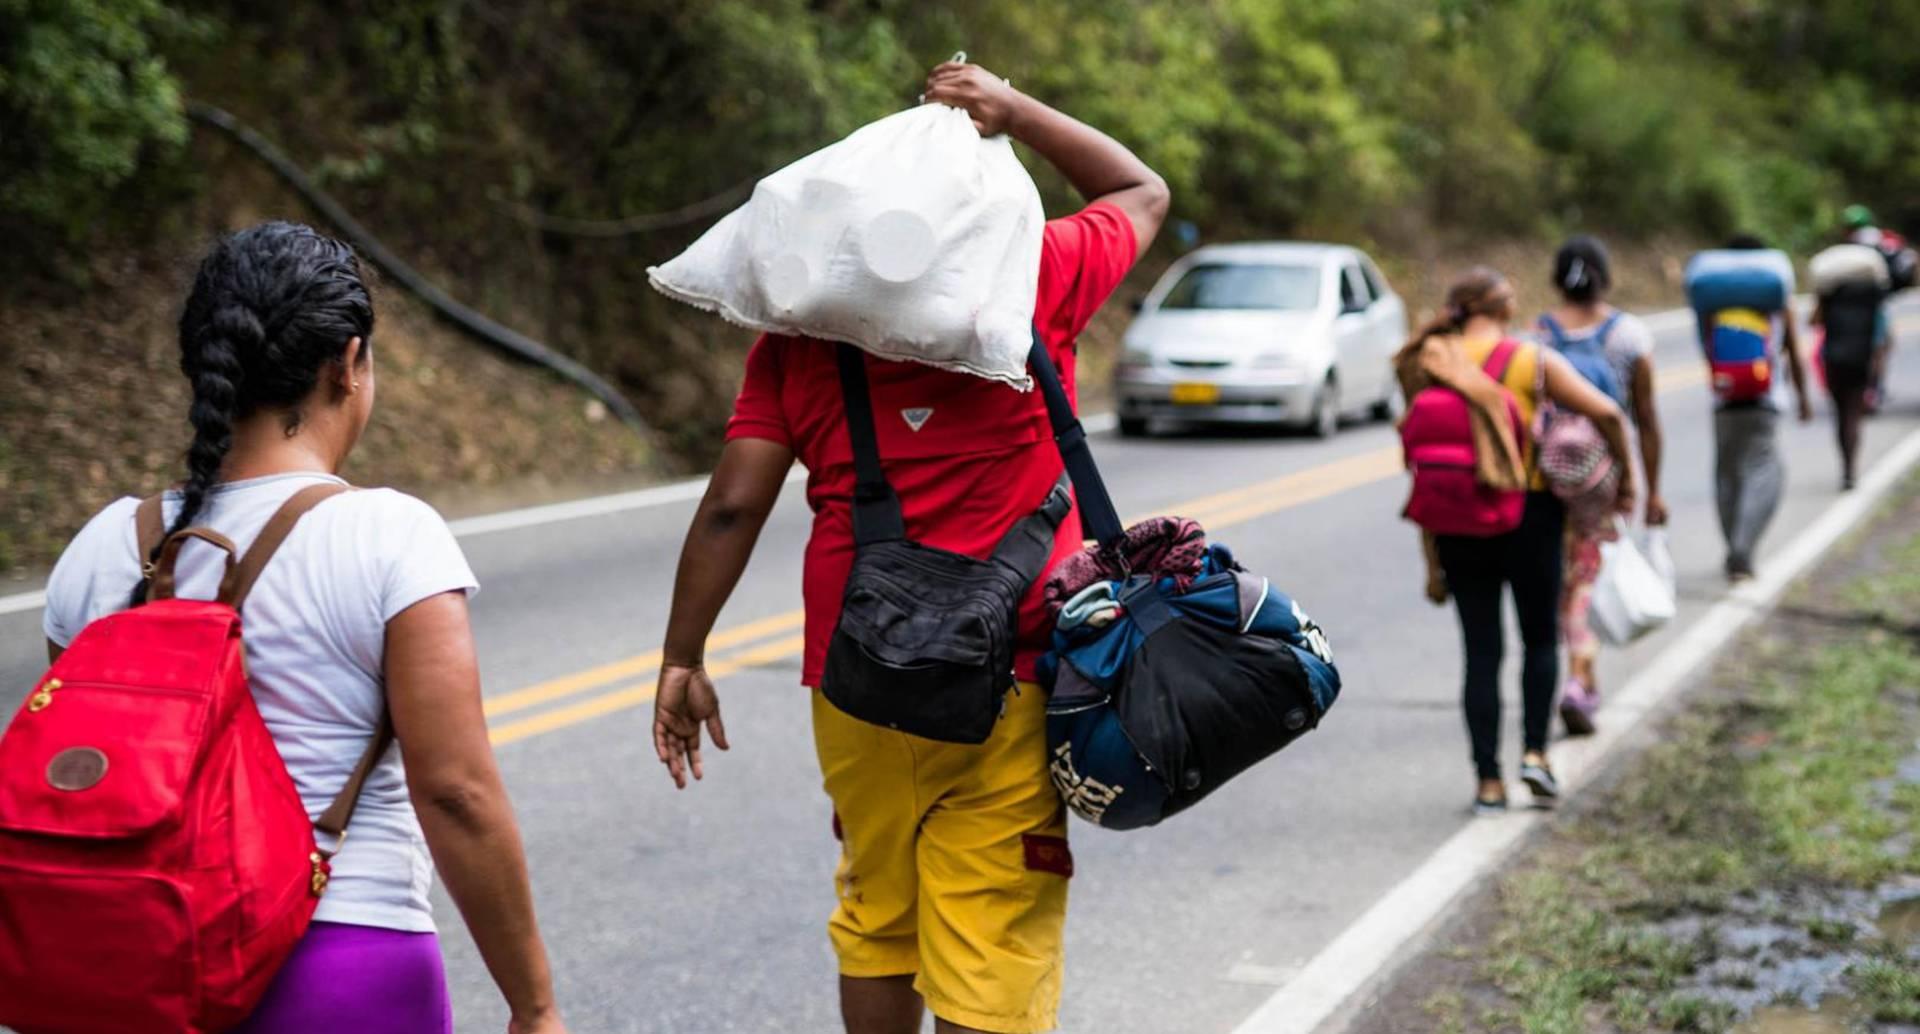 La Iglesia católica realiza actividades para dar a conocer avances en materia de atención humanitaria con los migrantes venezolanos.